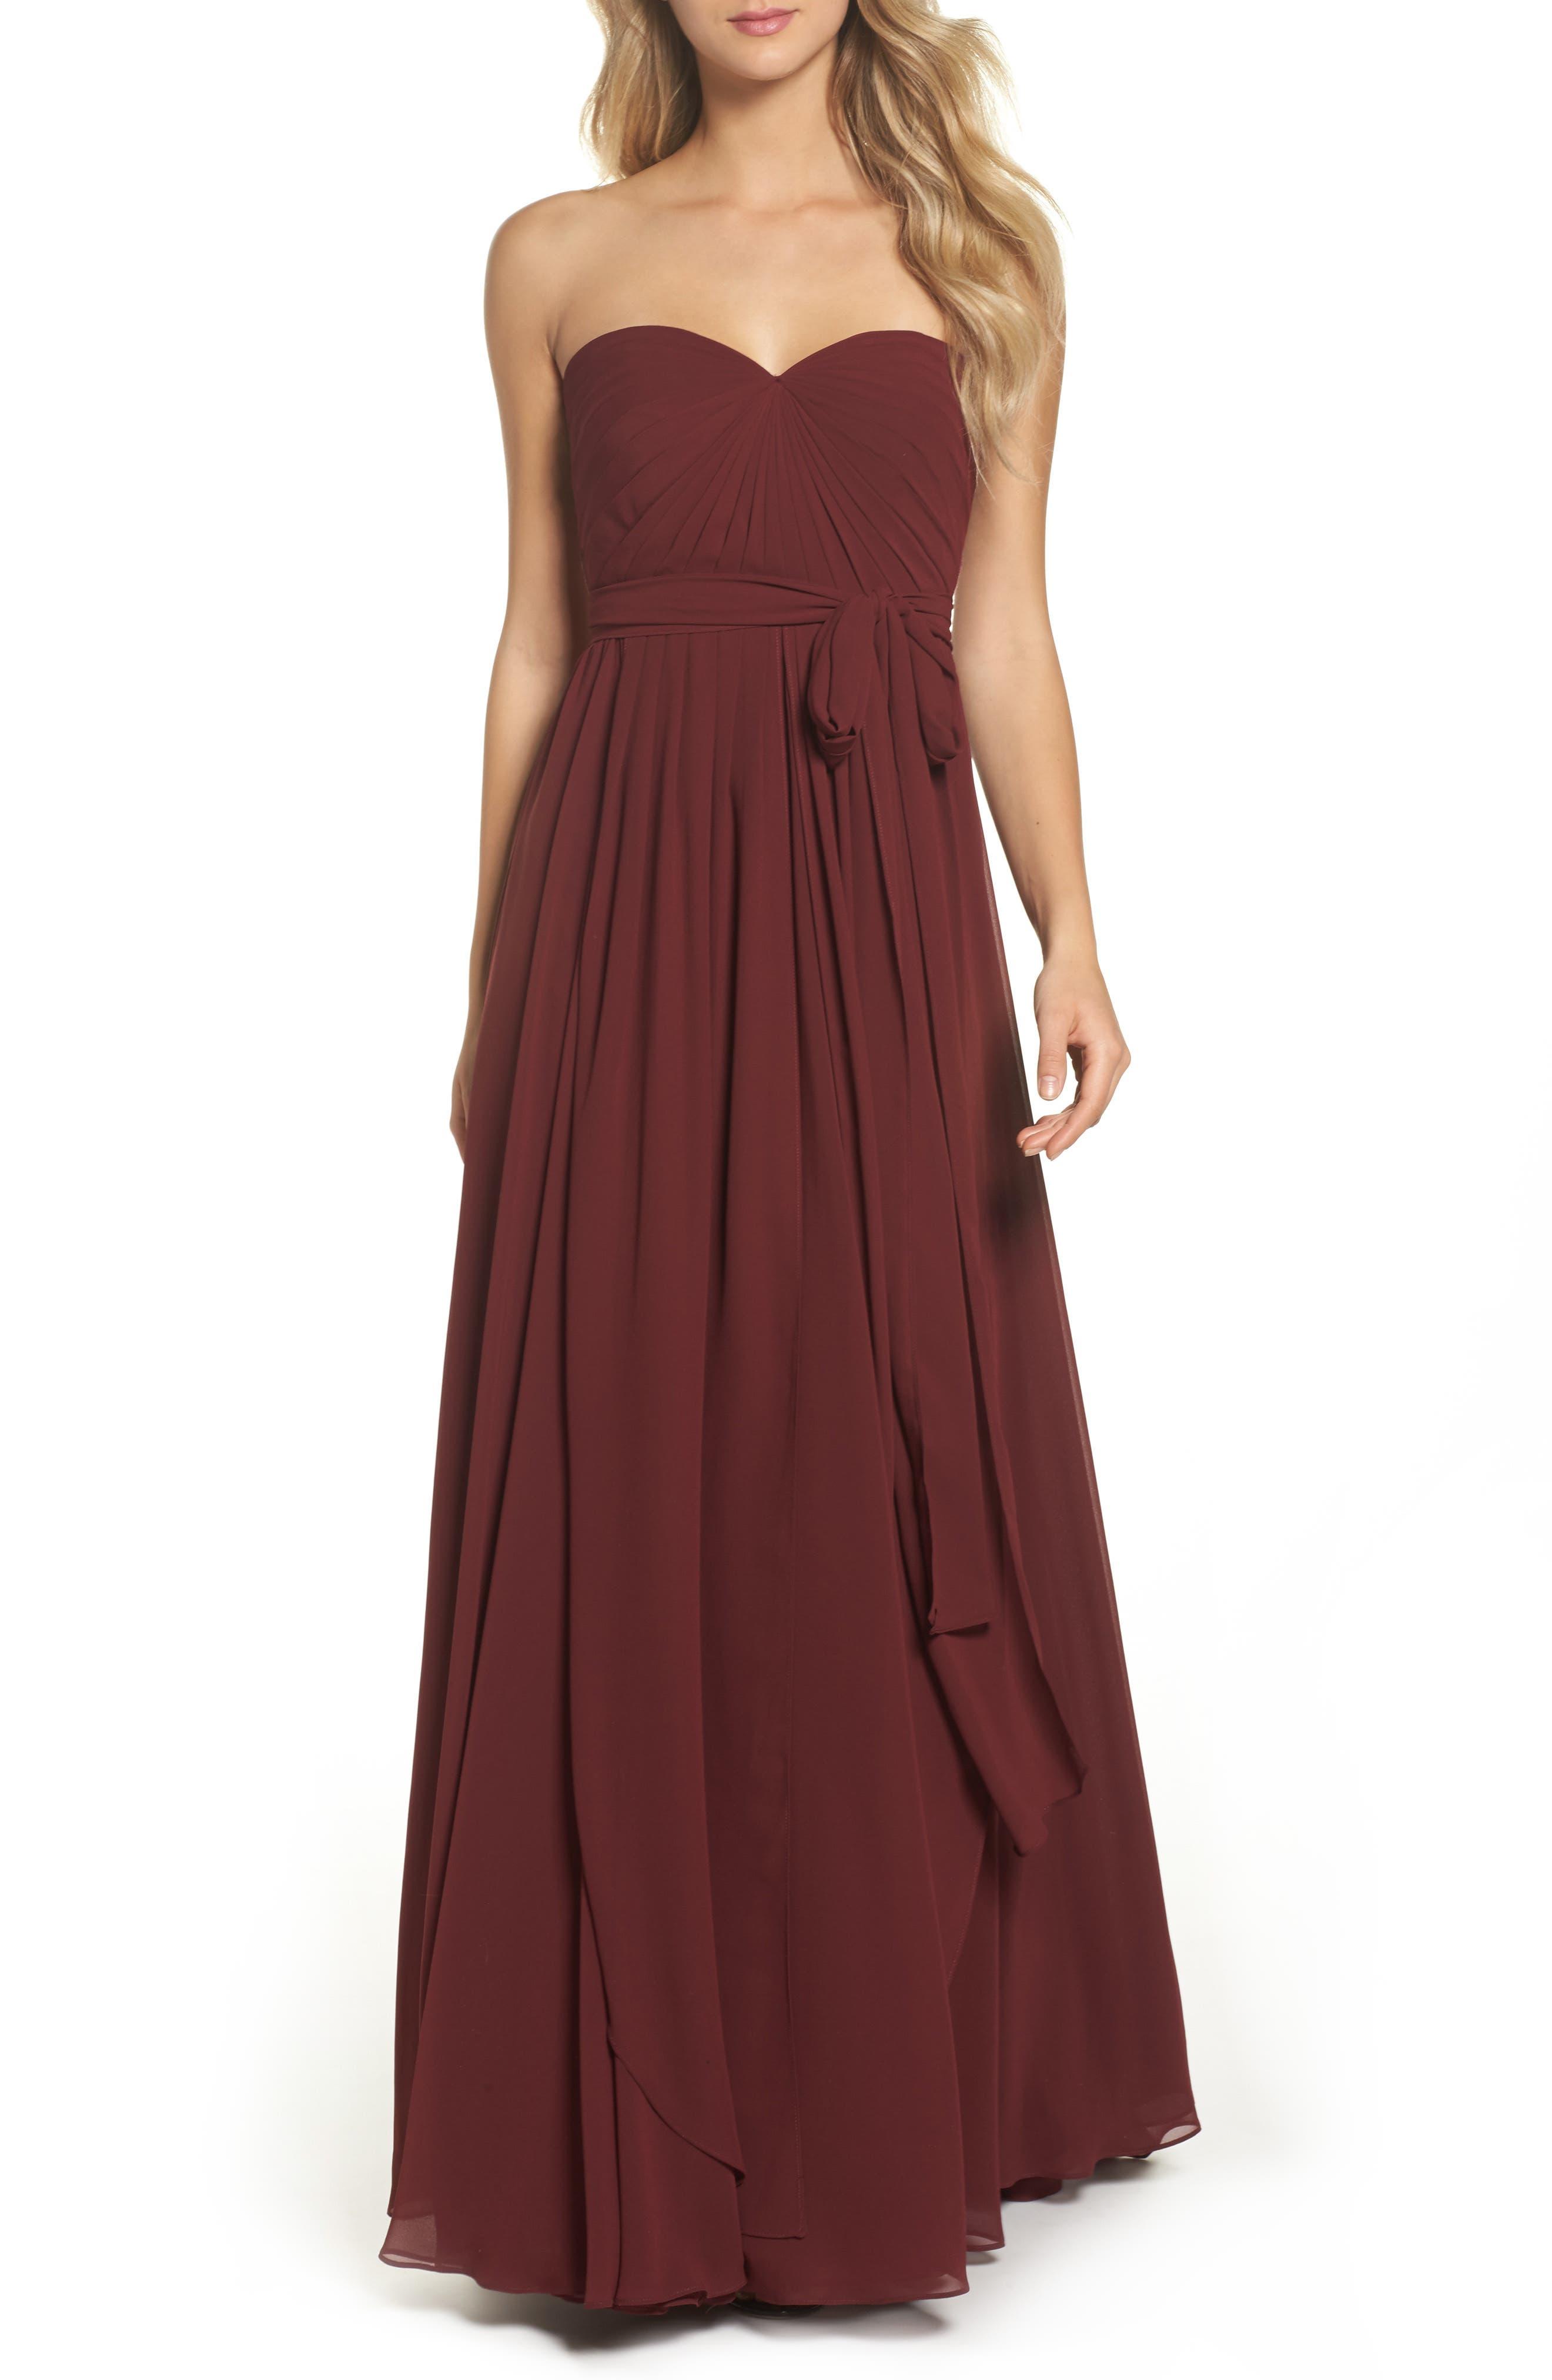 Main Image - Jenny Yoo Mira Convertible Strapless Chiffon Gown